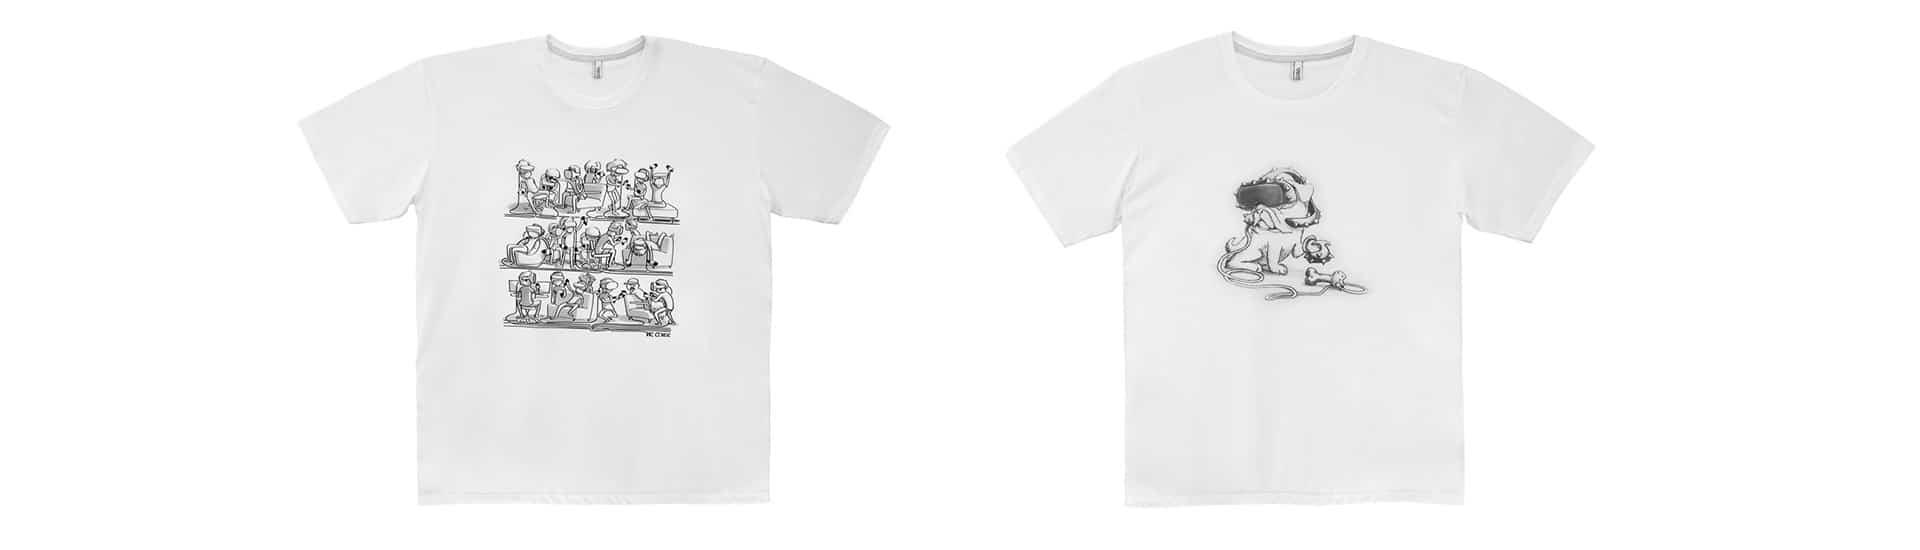 T-Shirt-Banner